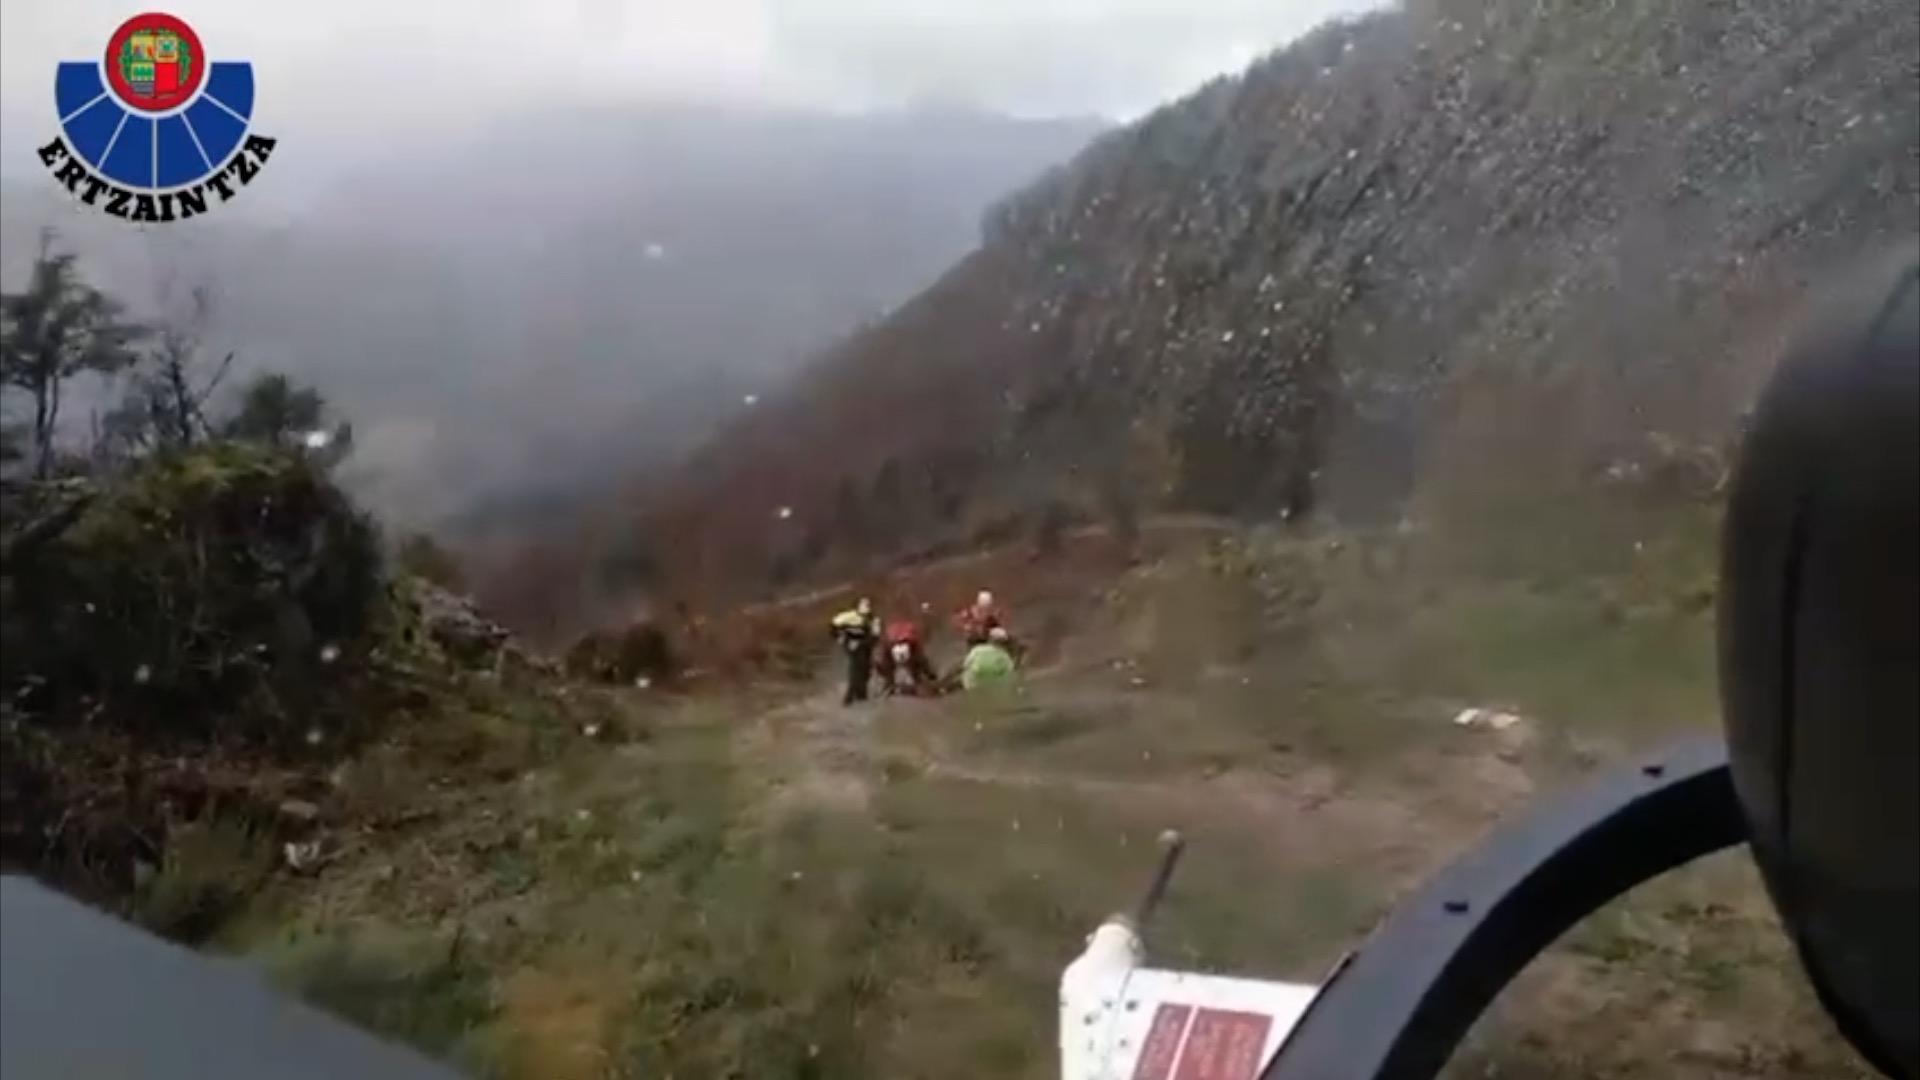 Hernani, un ciclista accidentado en el monte es evacuado  en un  helicóptero de la Ertzaintza  [1:39]